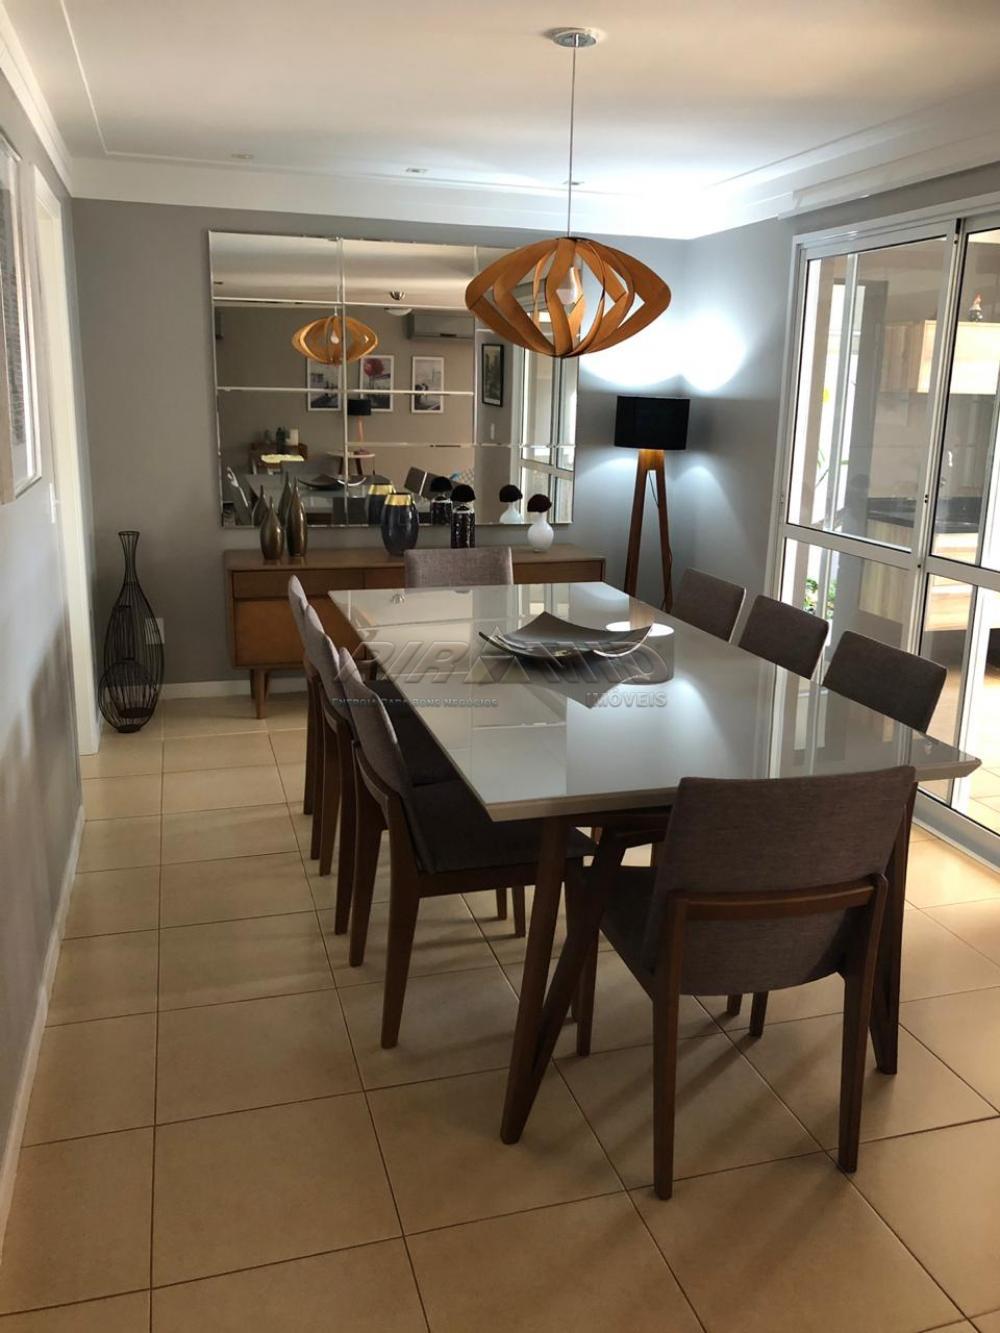 Comprar Casa / Condomínio em Ribeirão Preto apenas R$ 1.280.000,00 - Foto 7